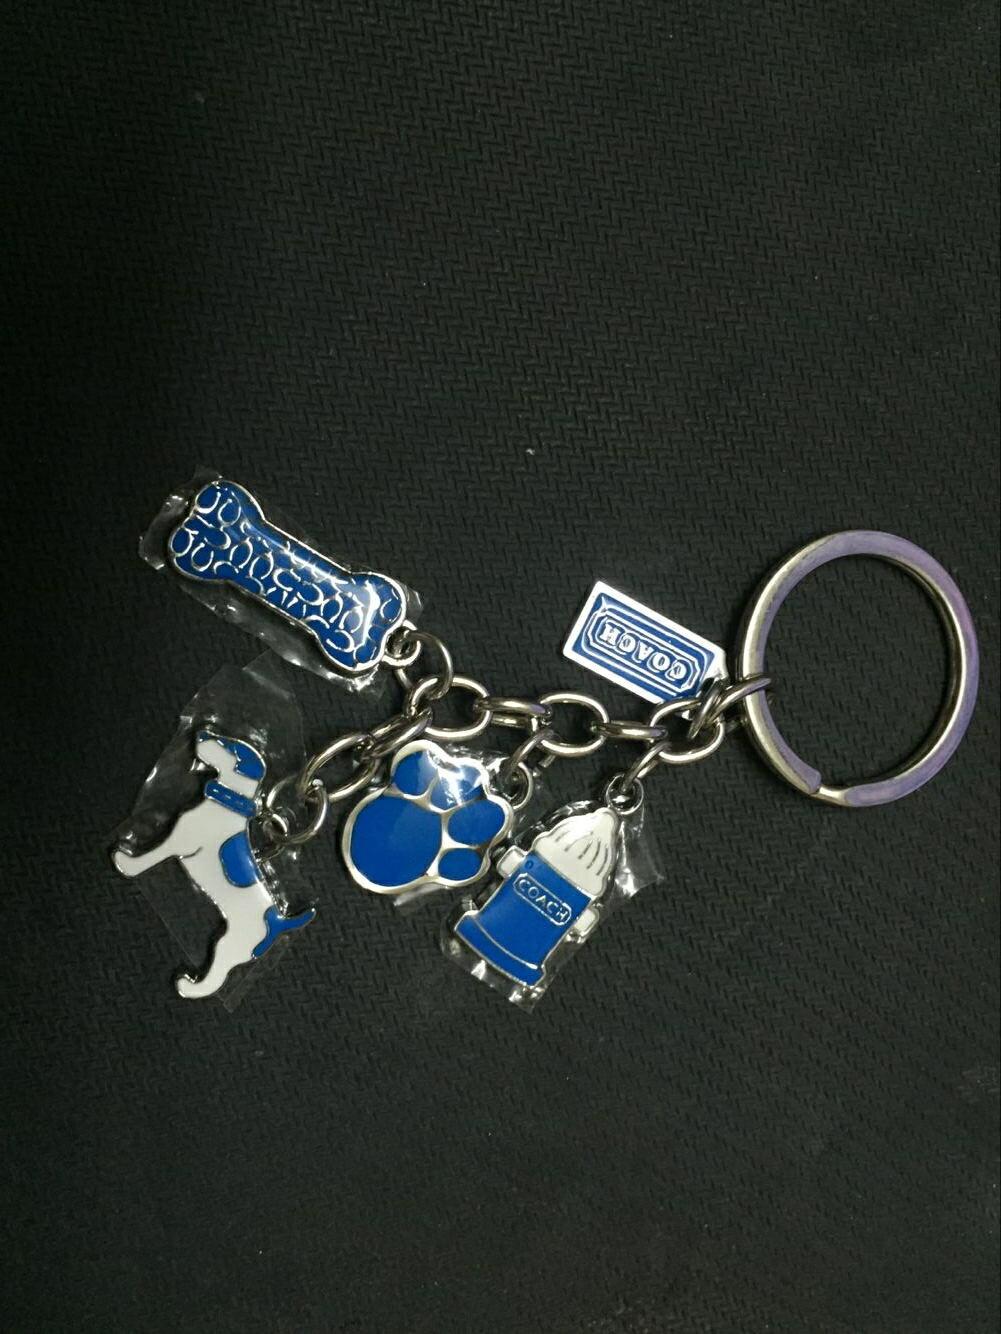 下單後再加50元就送COACH鑰匙扣一個,每人限購一件。 1